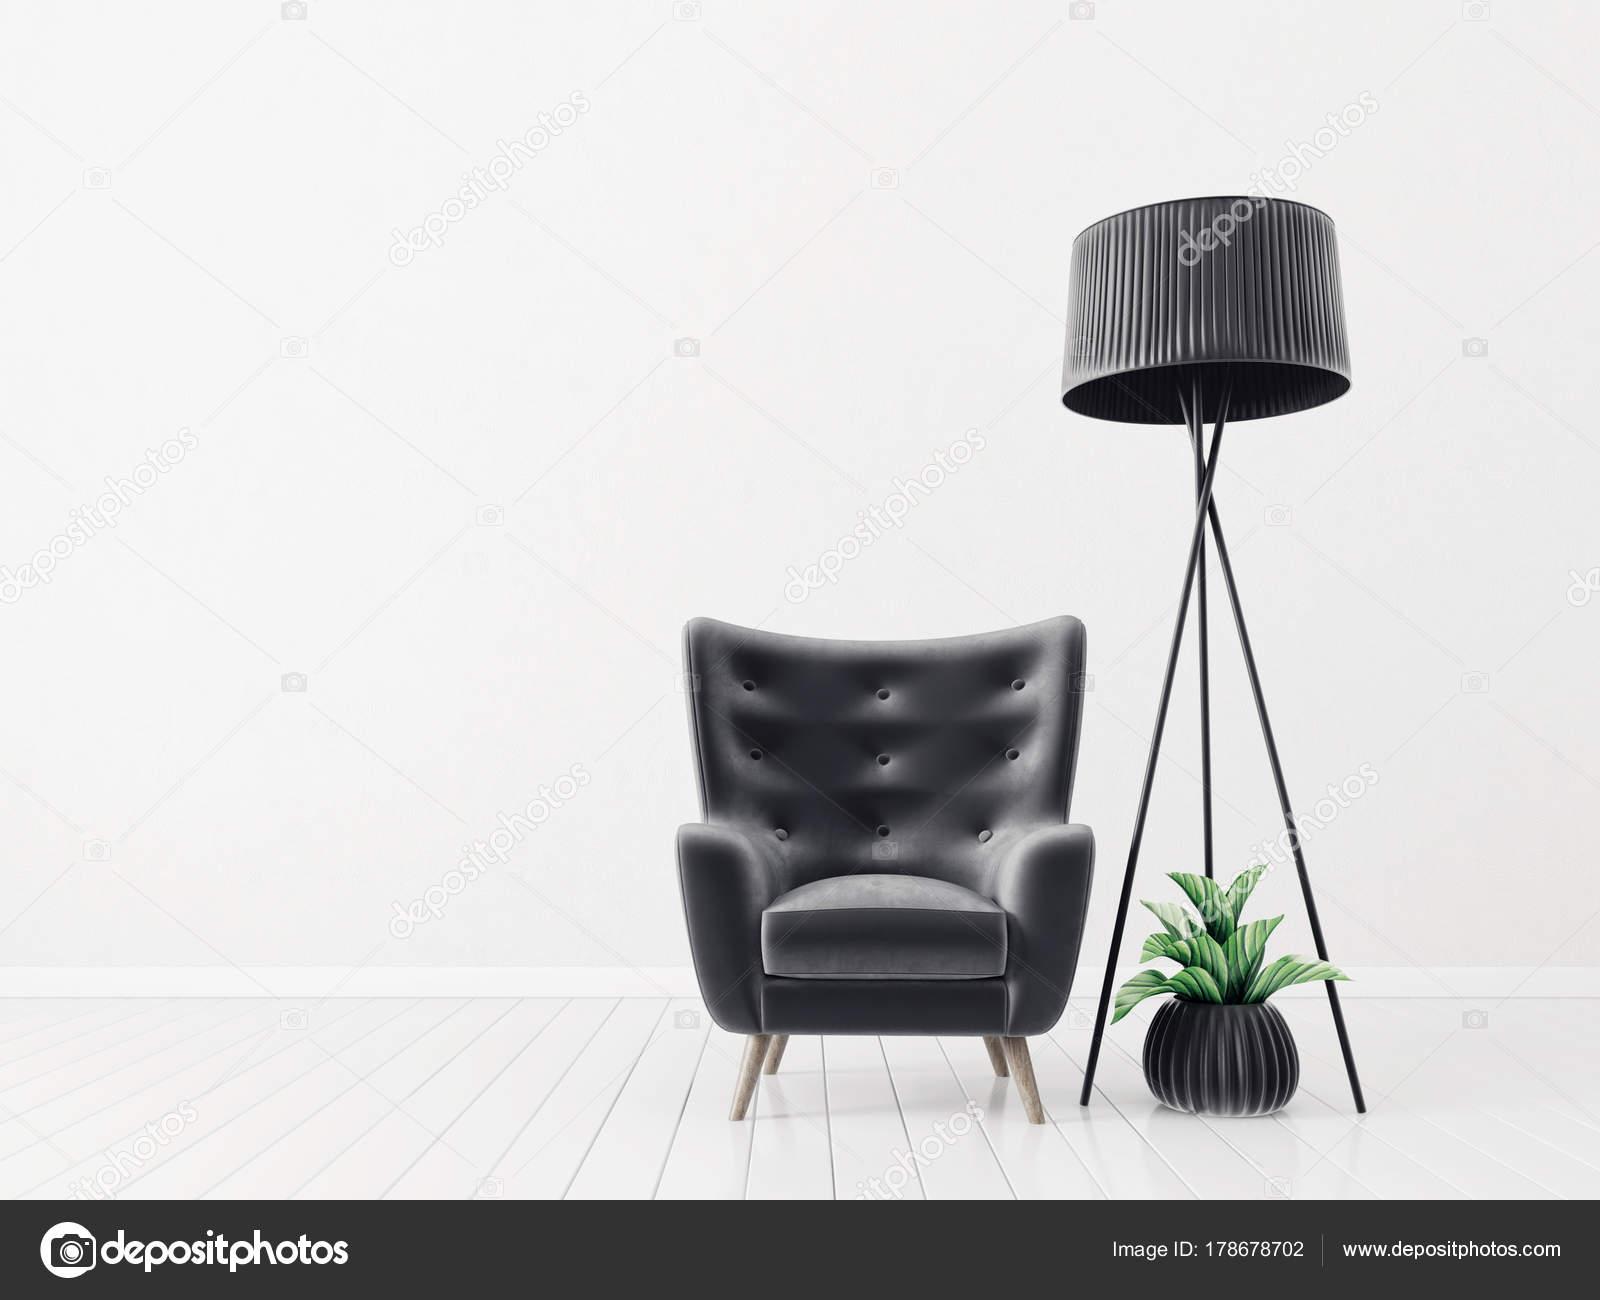 Modernes Wohnzimmer Mit Schwarzen Sessel Und Stehleuchte. Skandinavische  Innenarchitektur Möbel. 3D Render Illustration U2014 Foto Von Alexroz